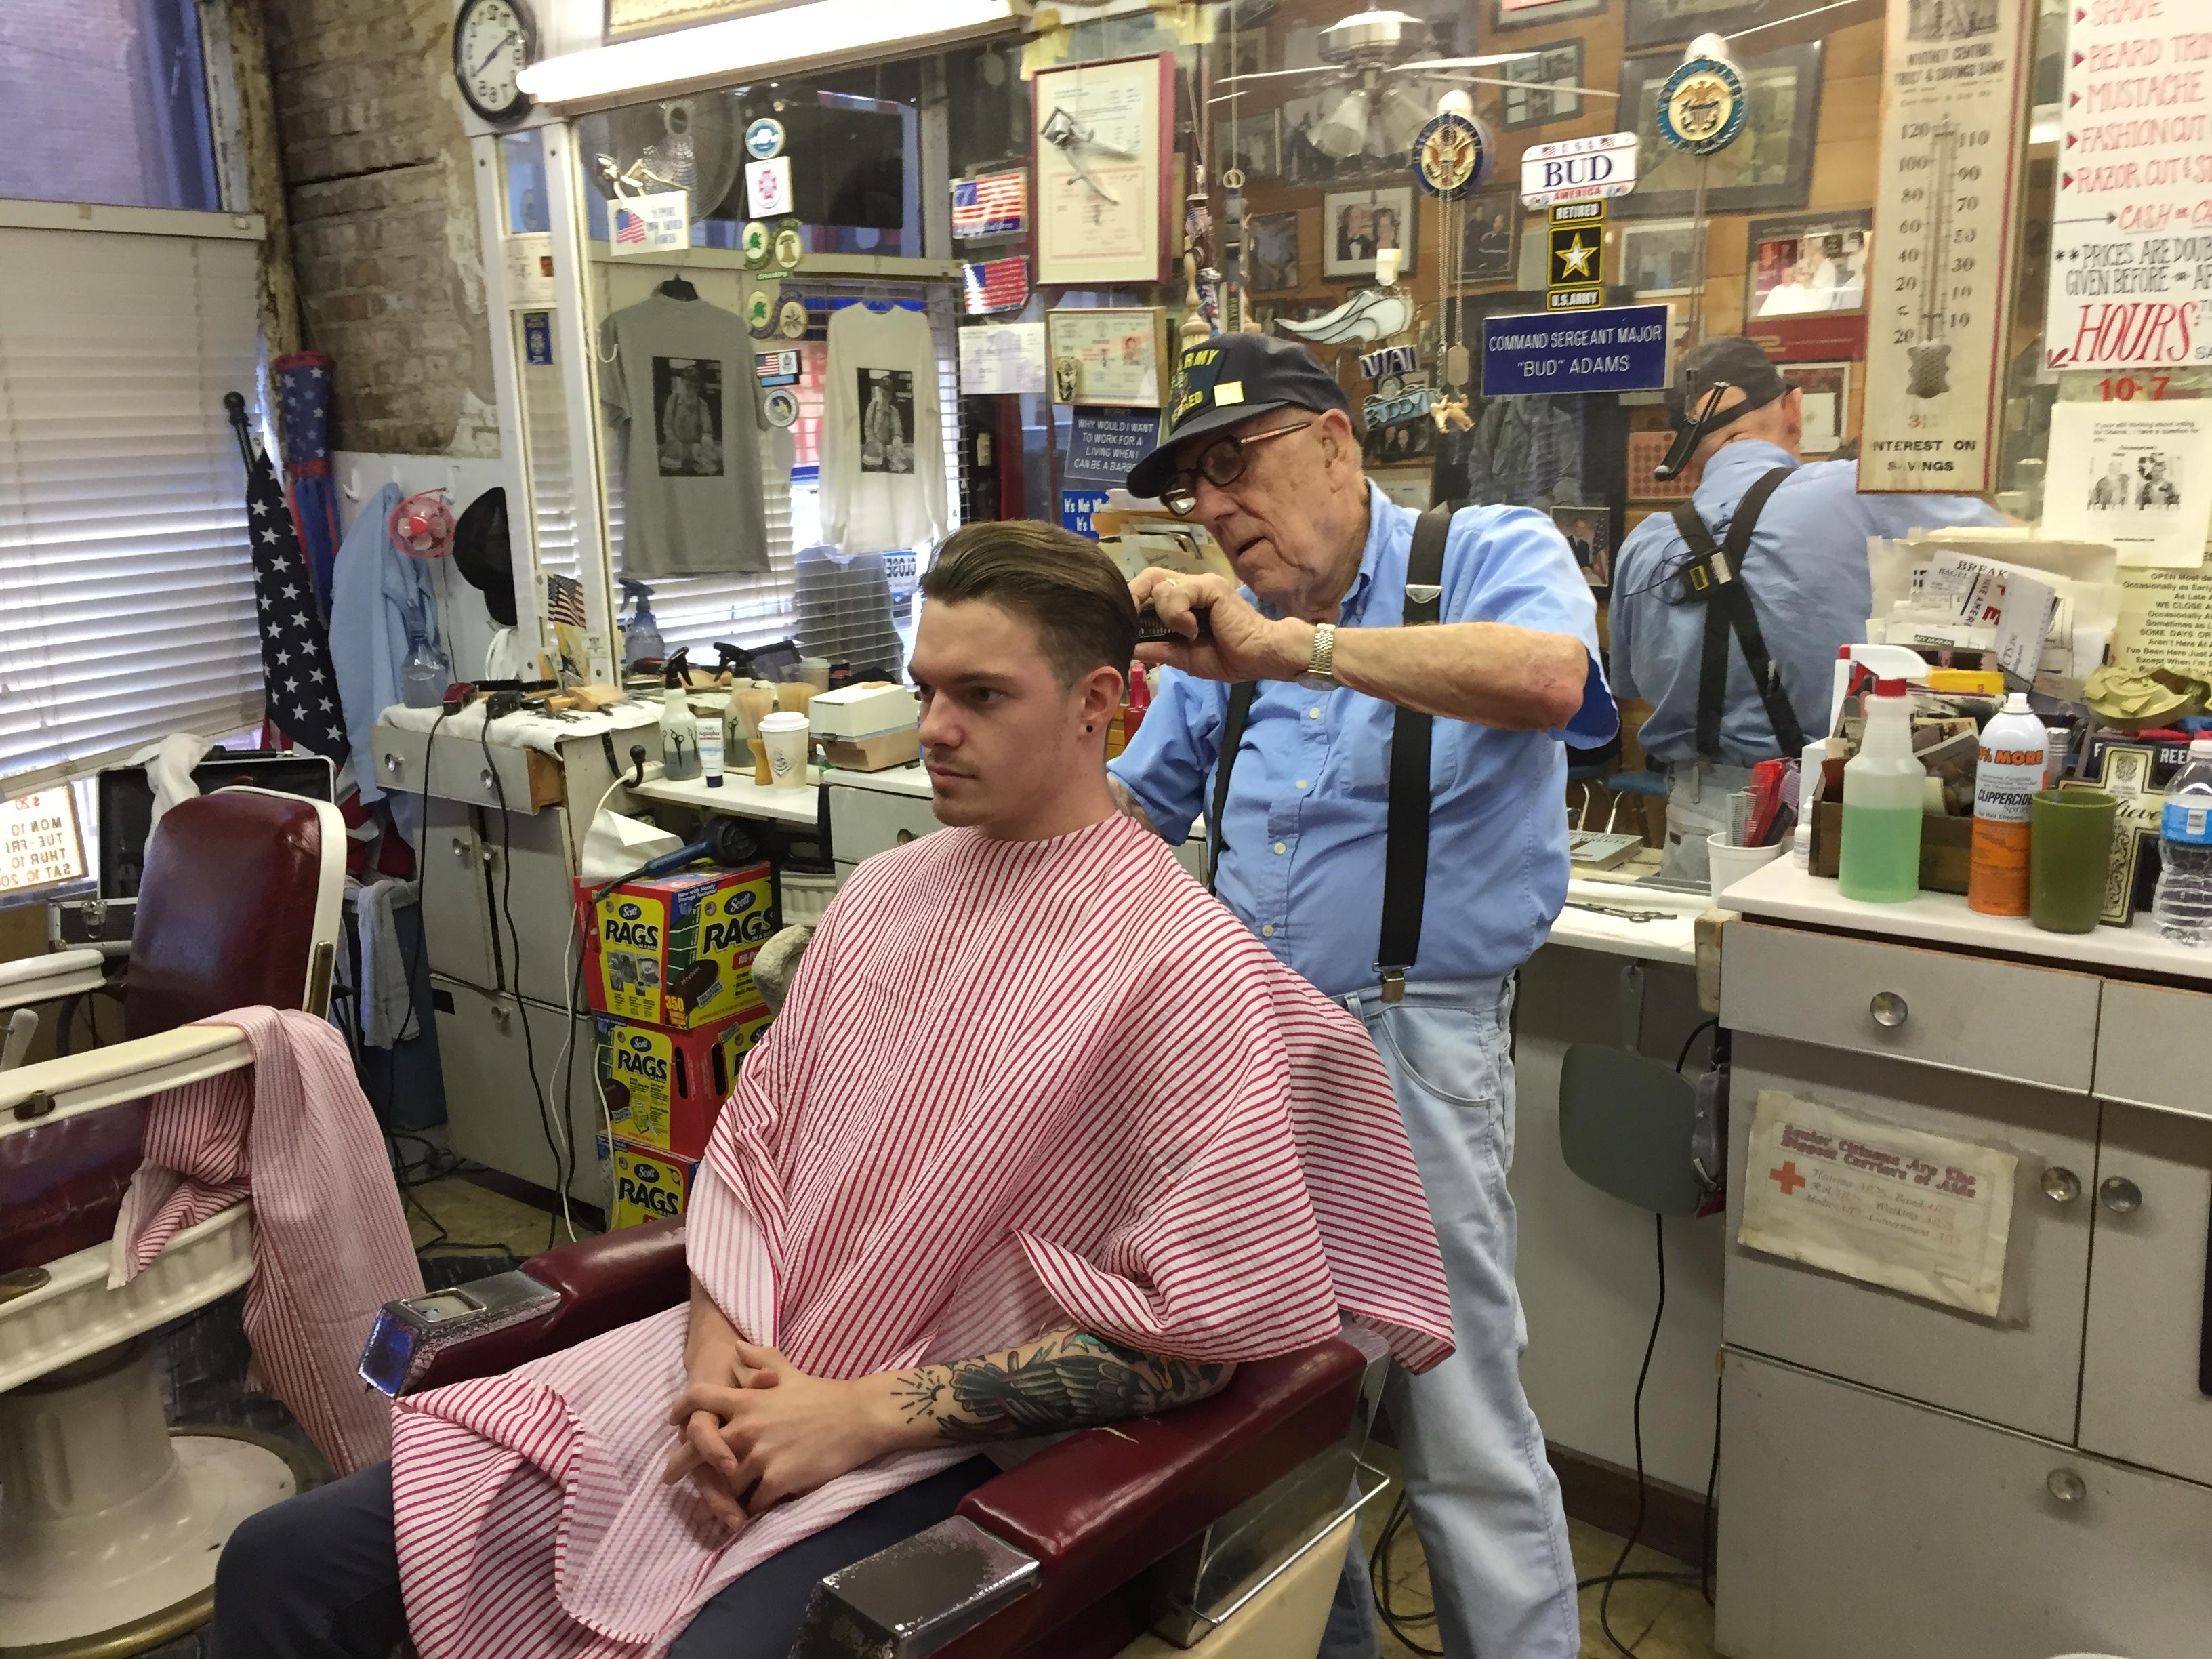 Oak Street Barber Bud Adams